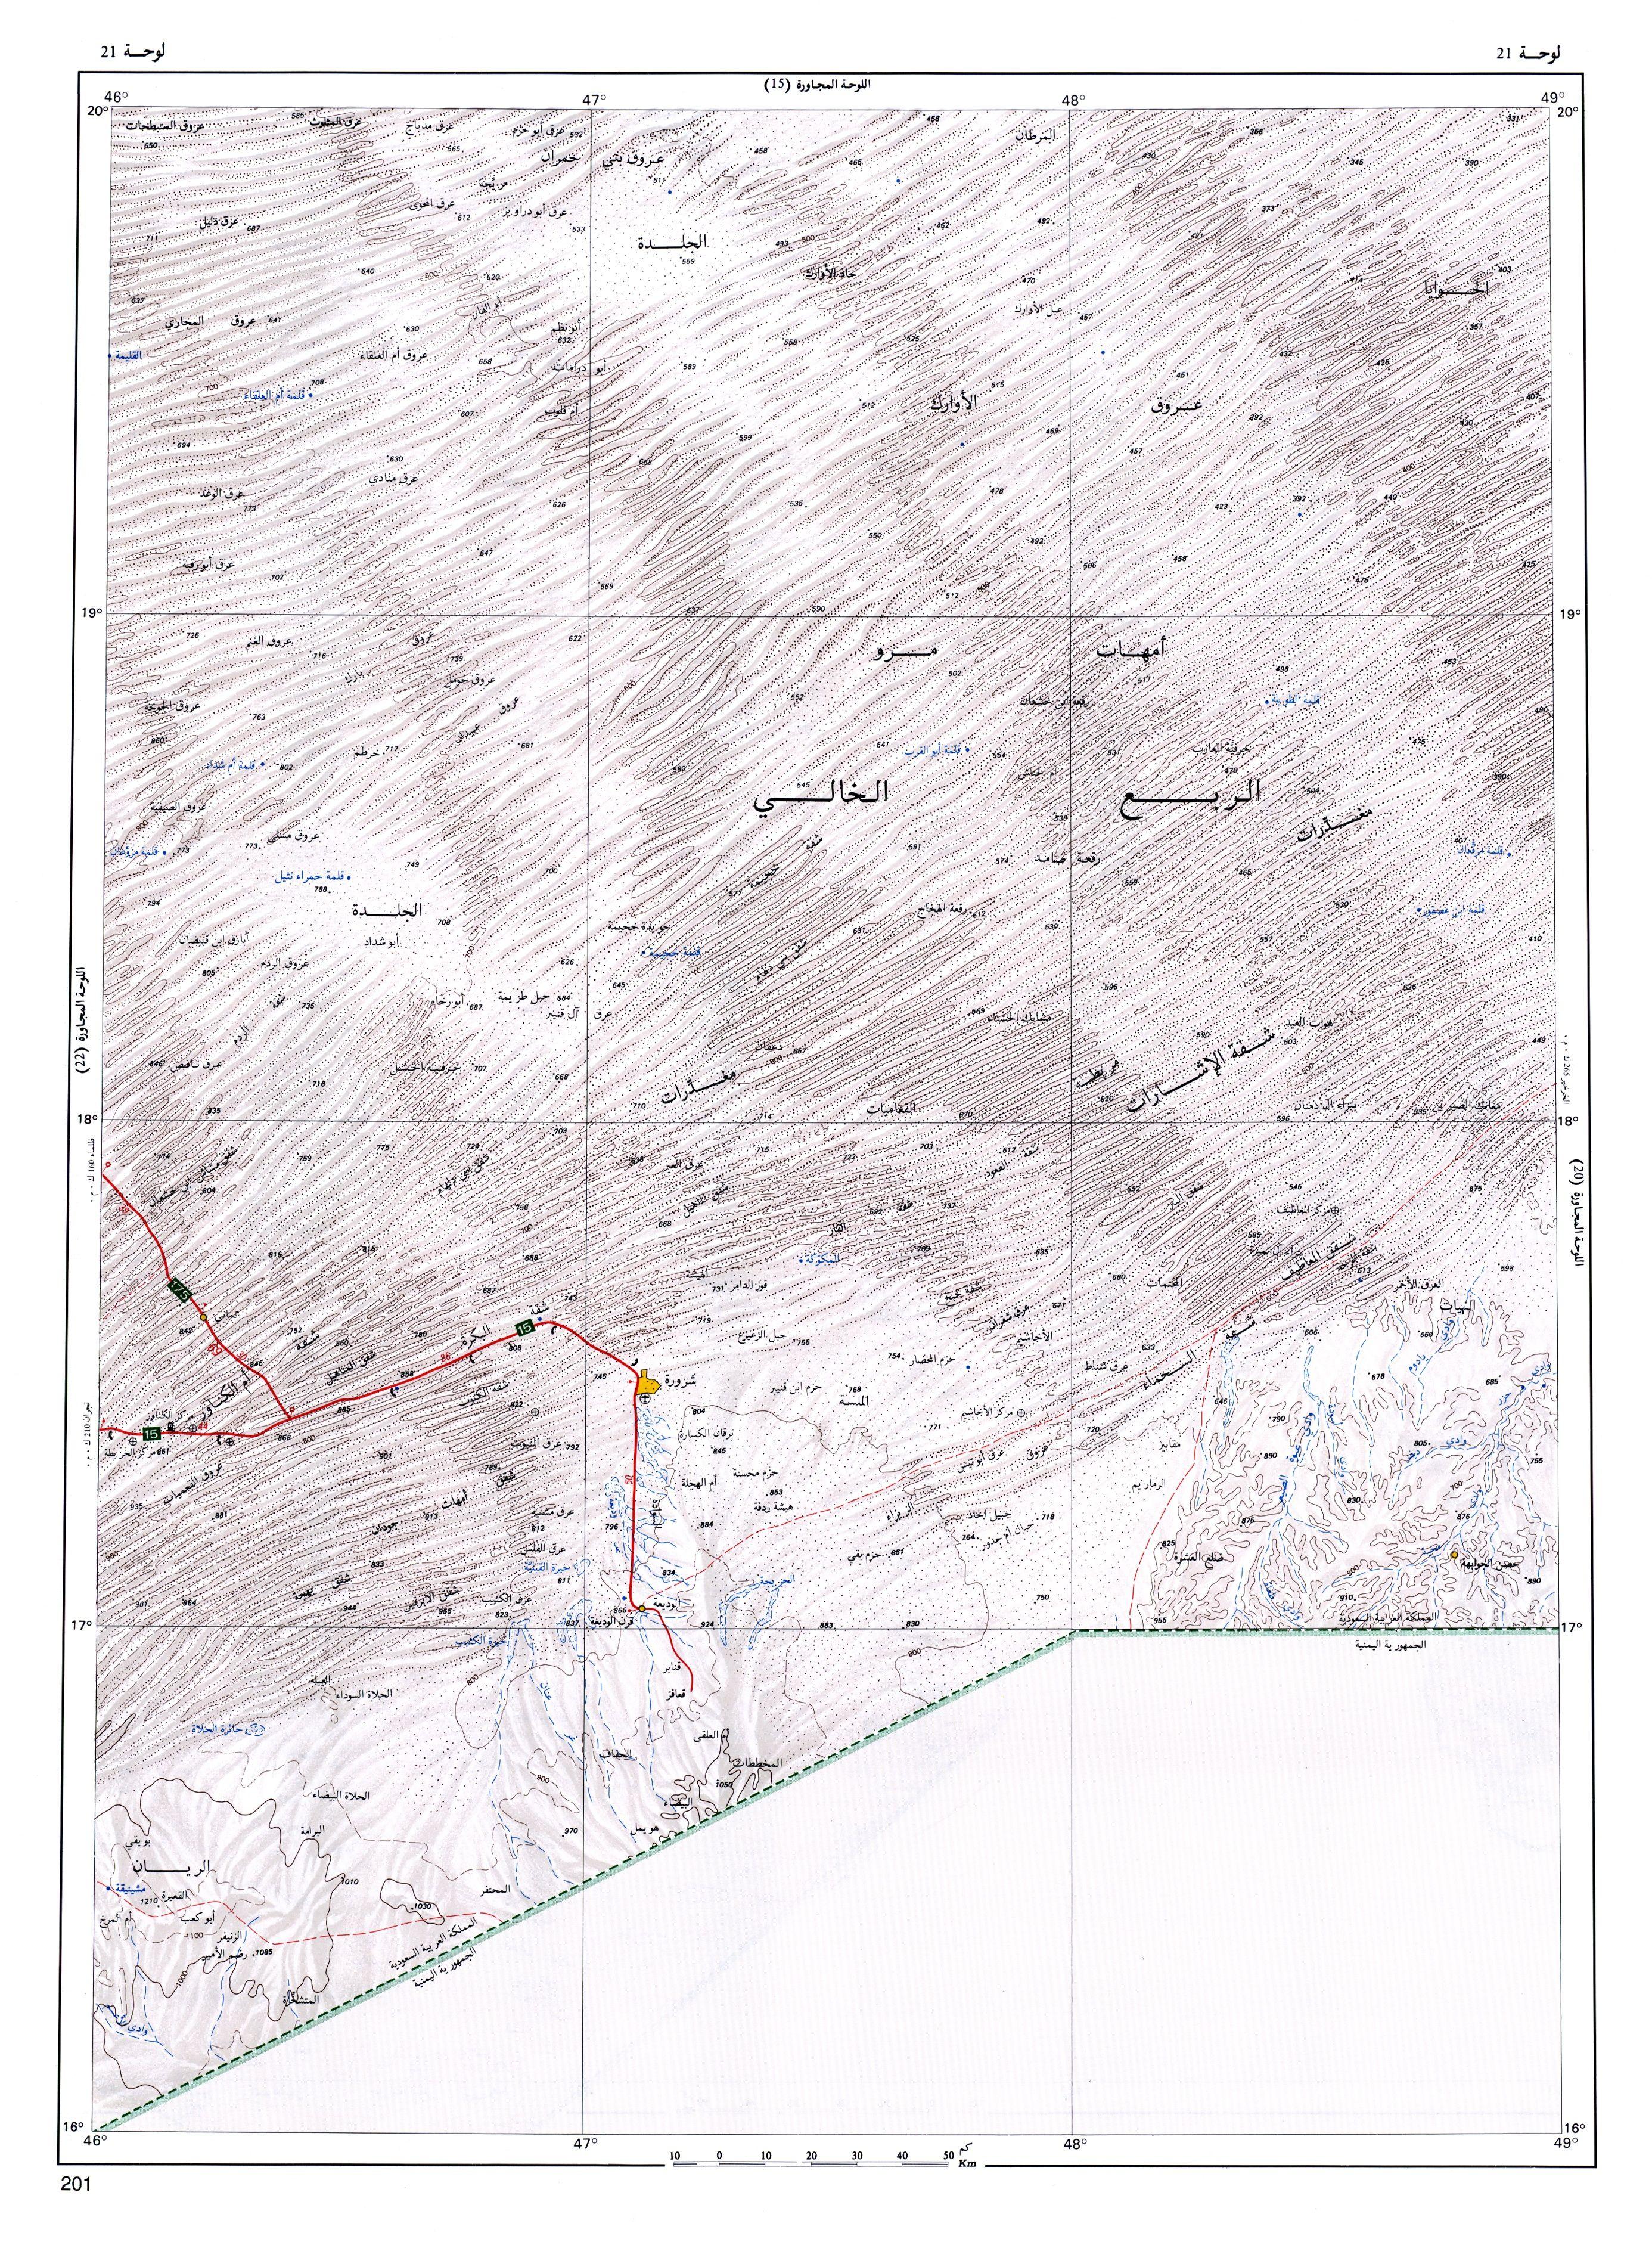 خريطة رقم 21 شرورة وجزء من جنوب الربع الخالي Map